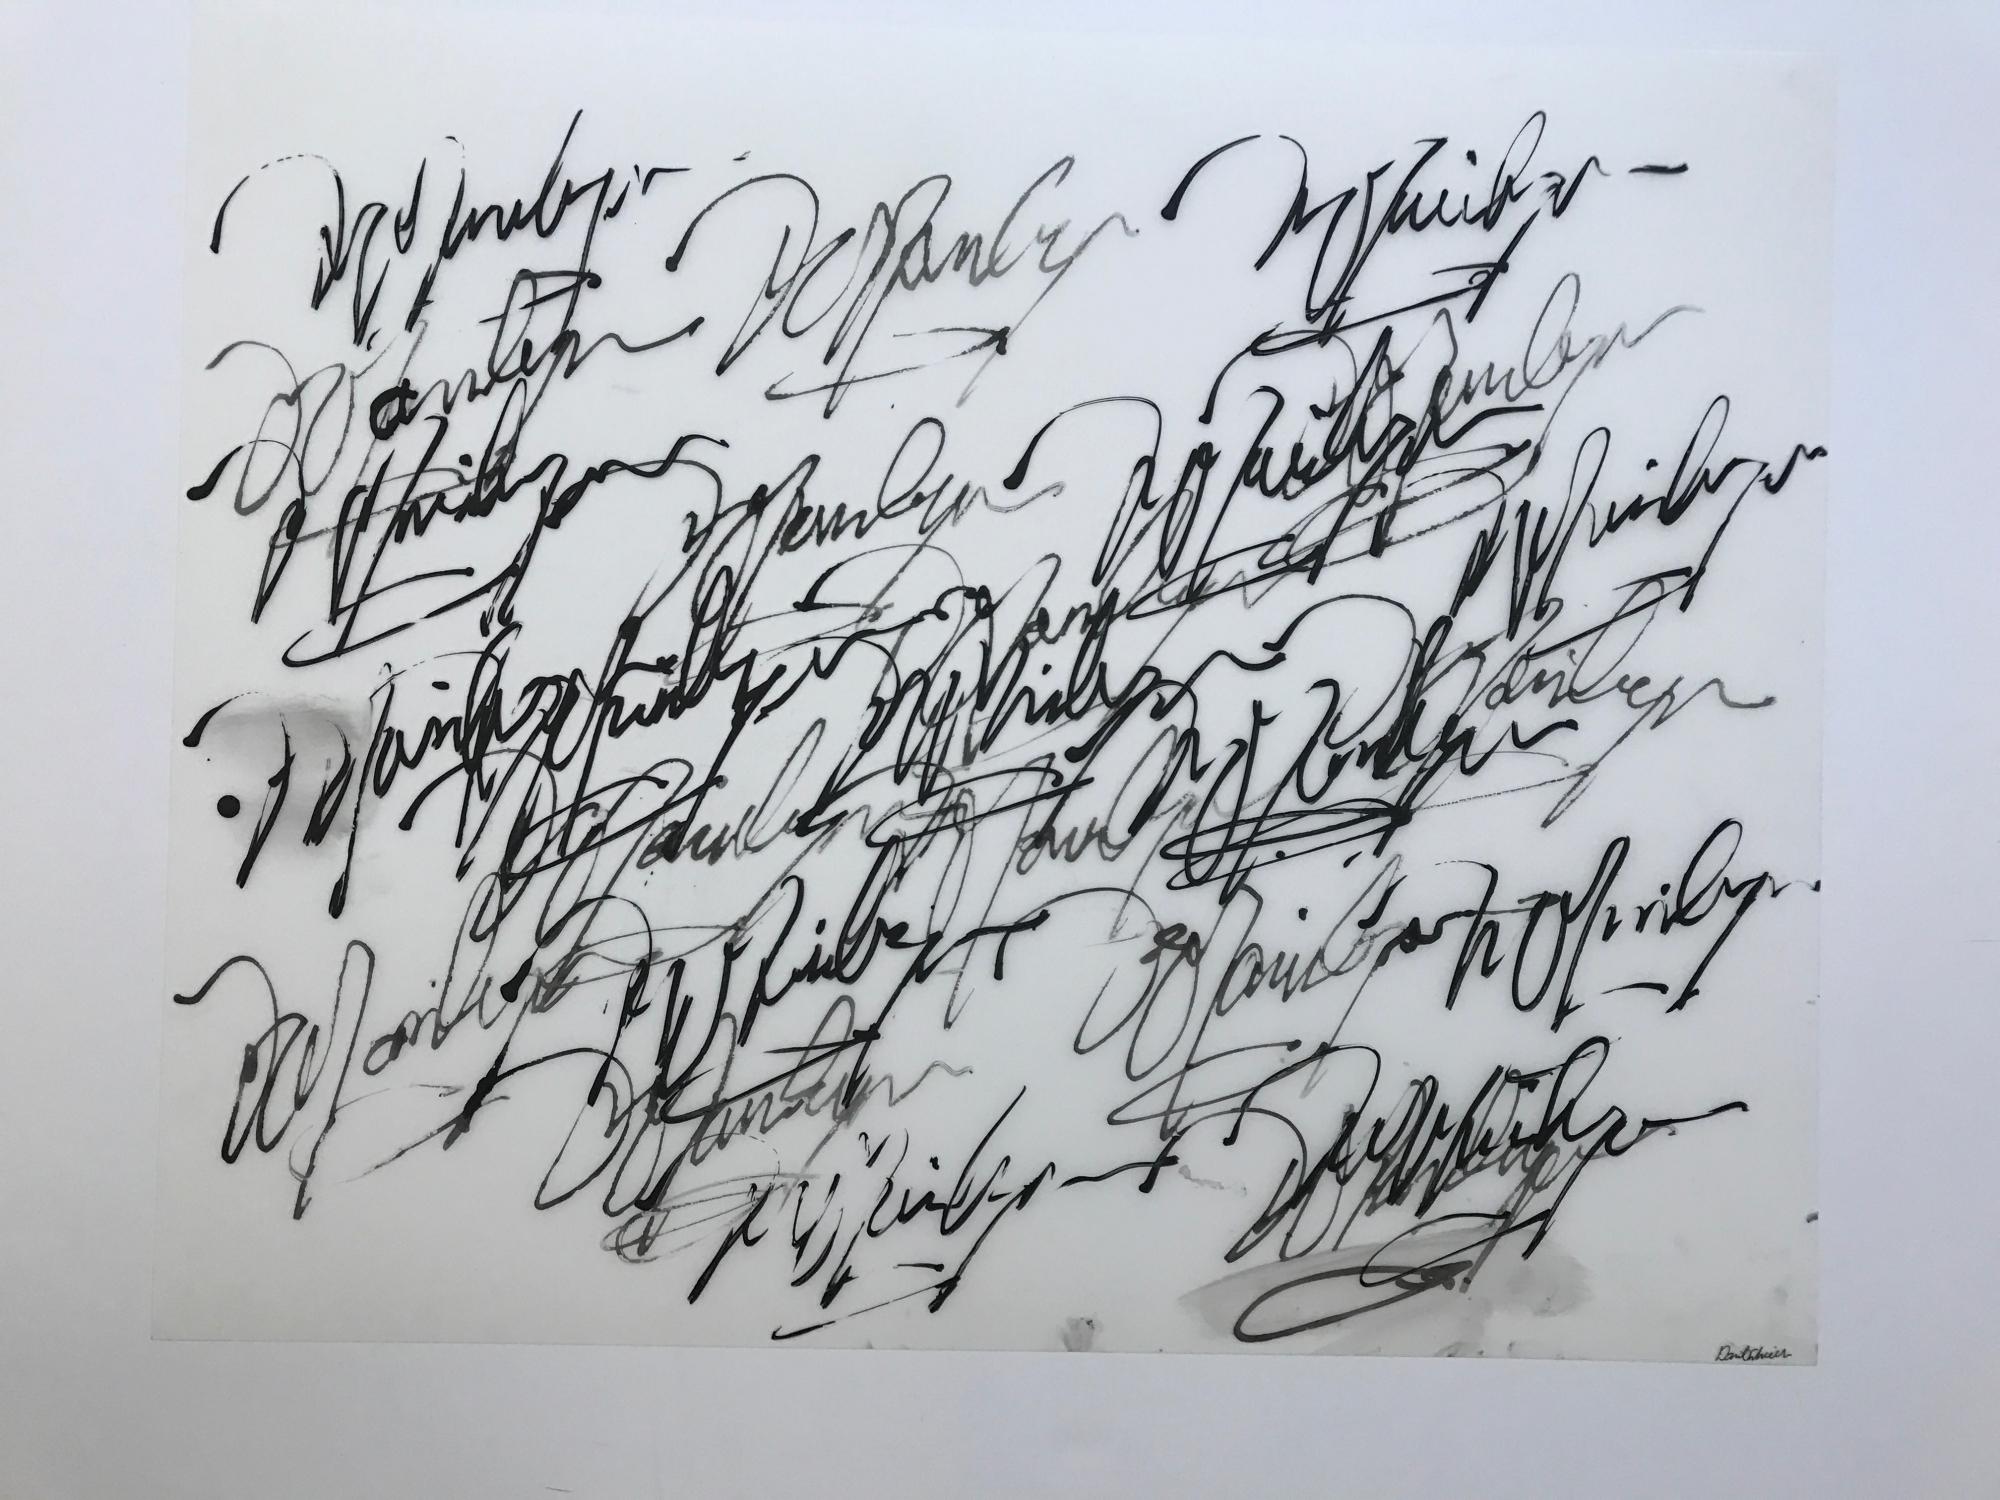 Monroe - Large 3 by Daniel Schneider